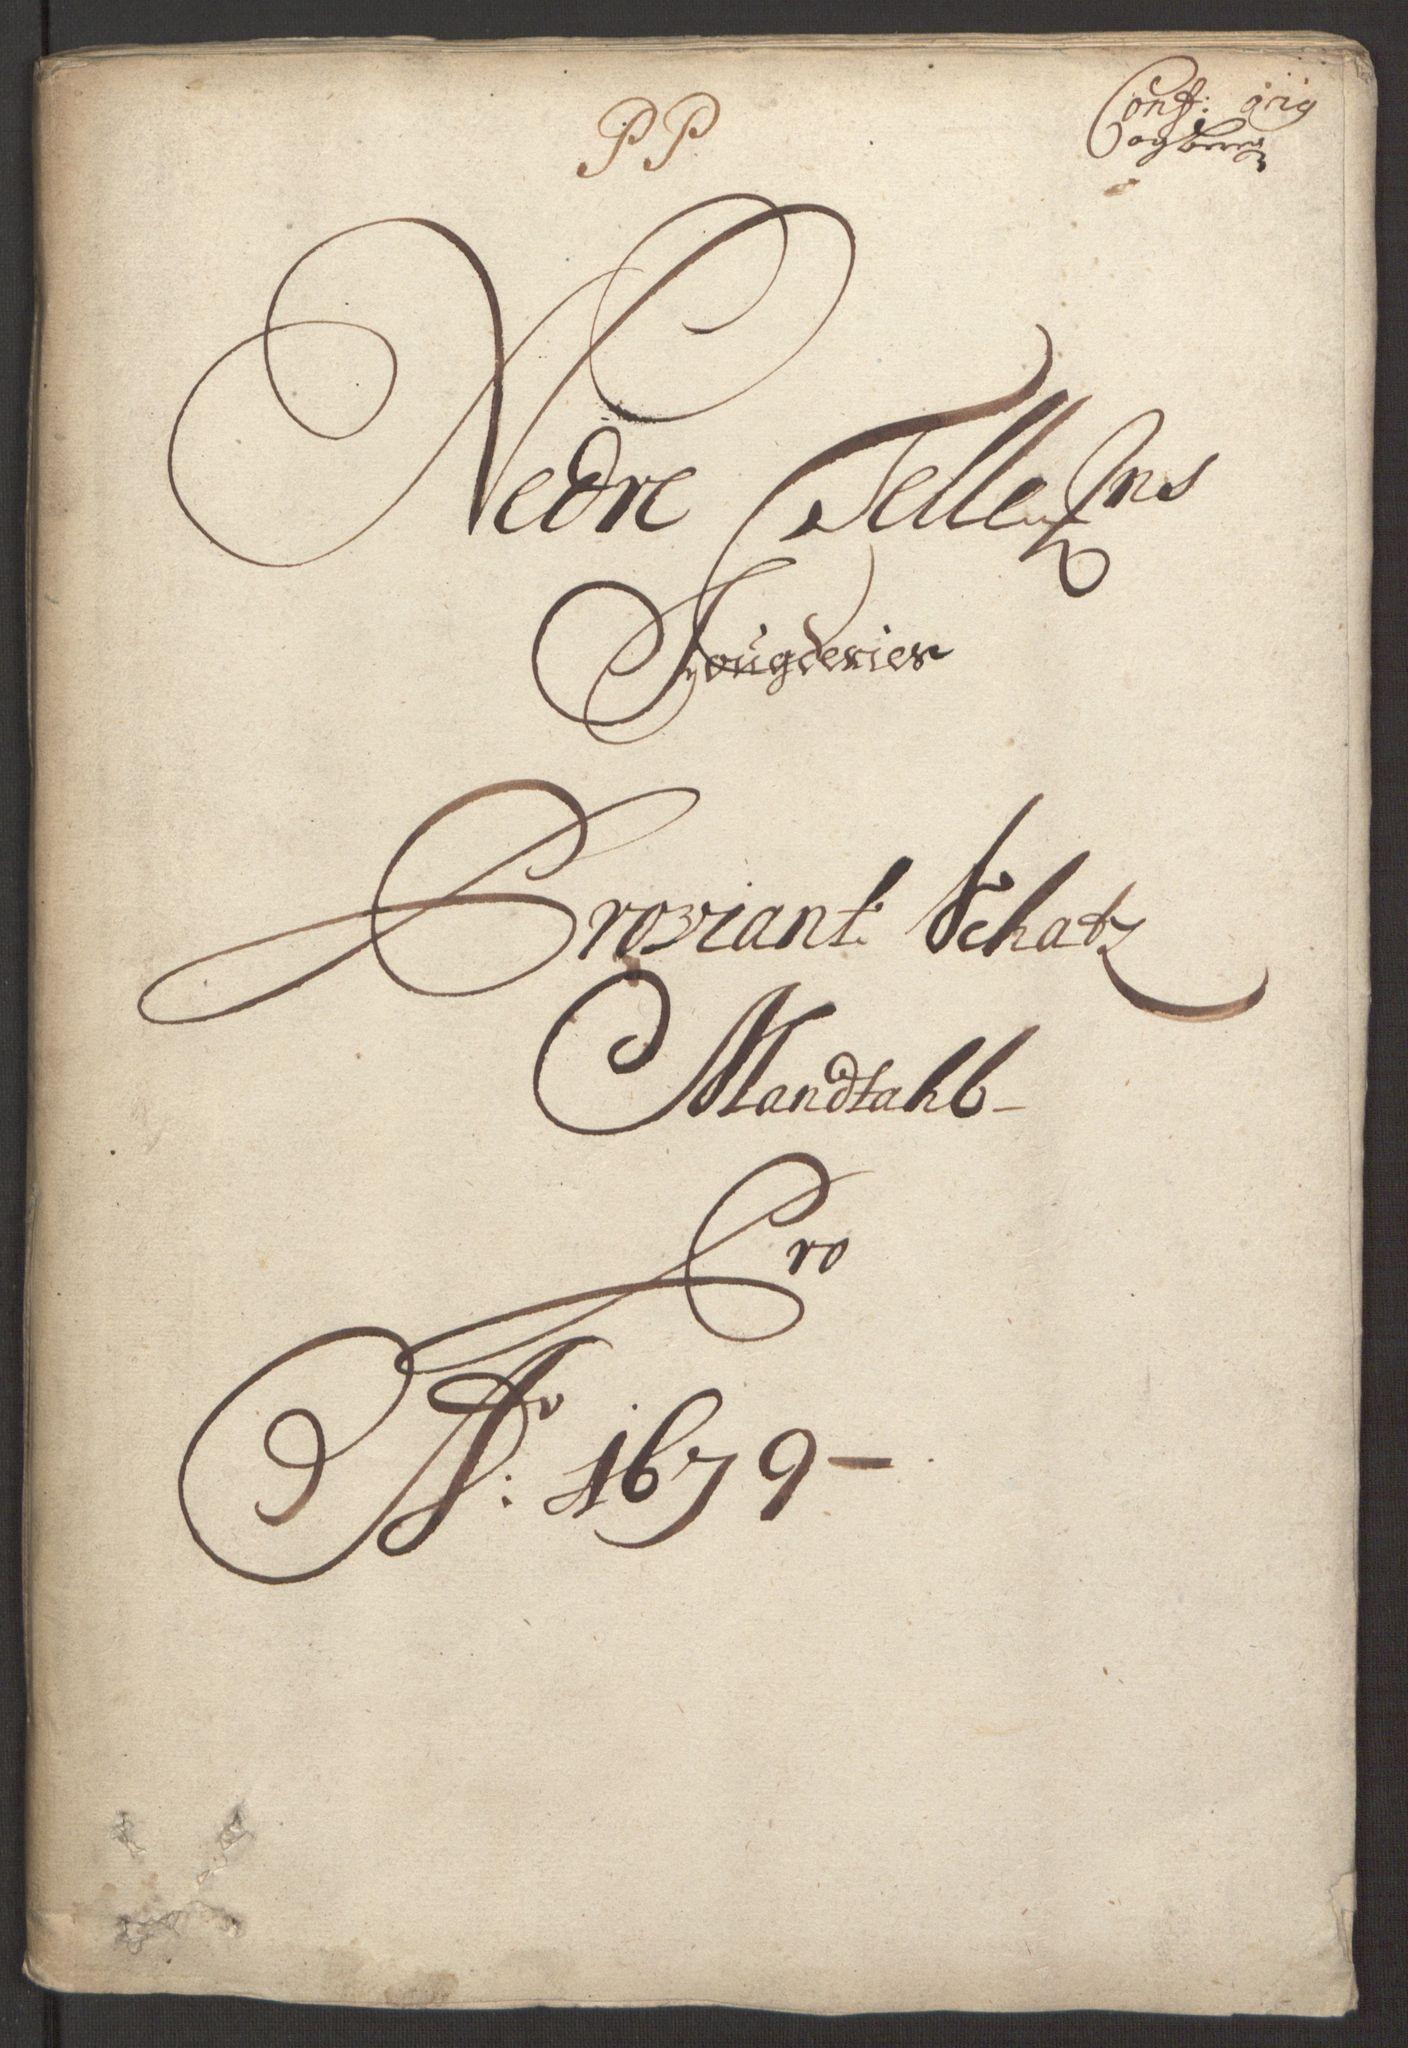 RA, Rentekammeret inntil 1814, Reviderte regnskaper, Fogderegnskap, R35/L2072: Fogderegnskap Øvre og Nedre Telemark, 1679, s. 138